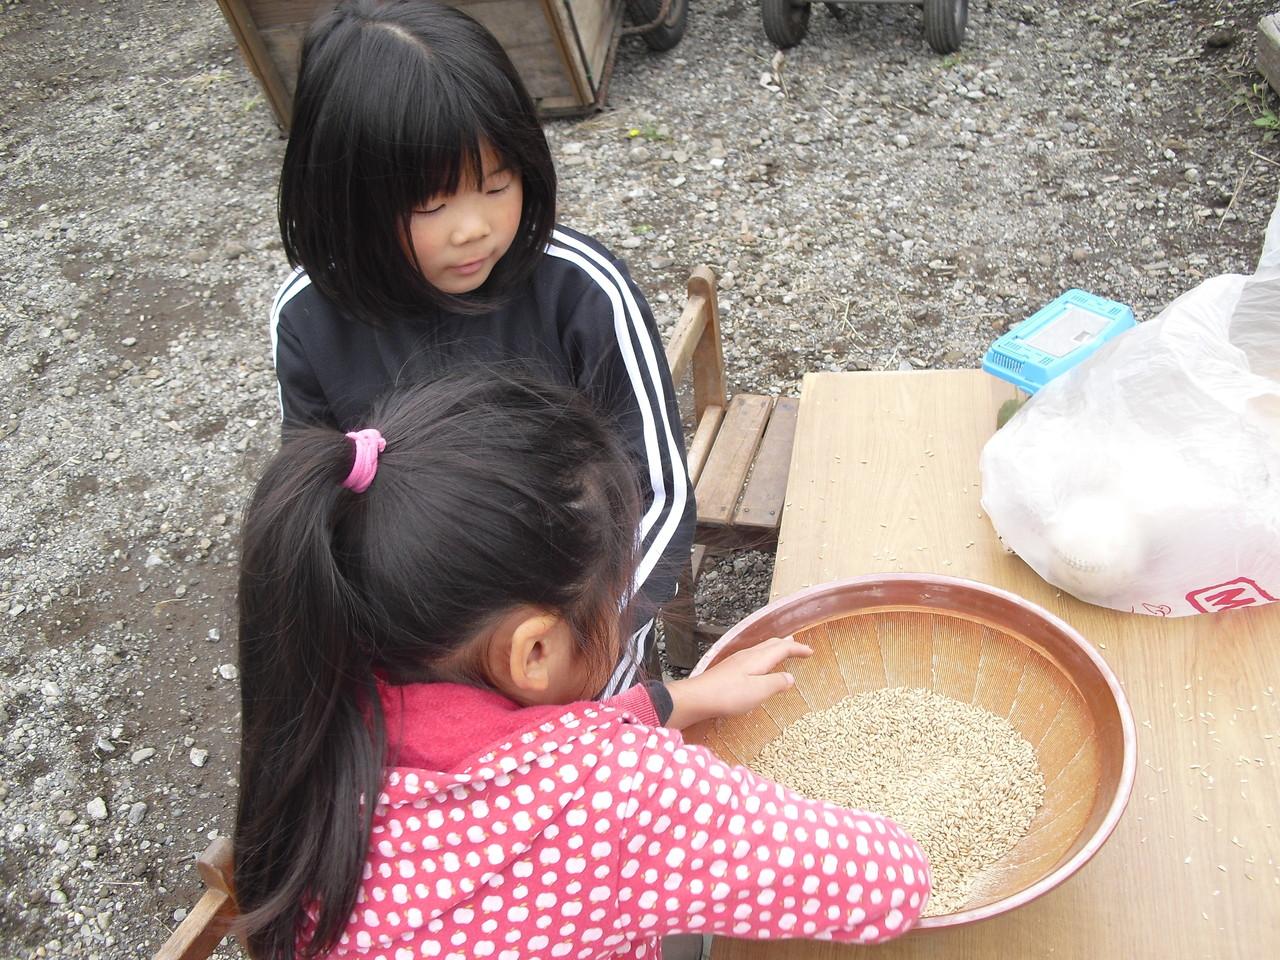 こちらは、先日のお米をすり鉢で混ぜて脱穀をしています。